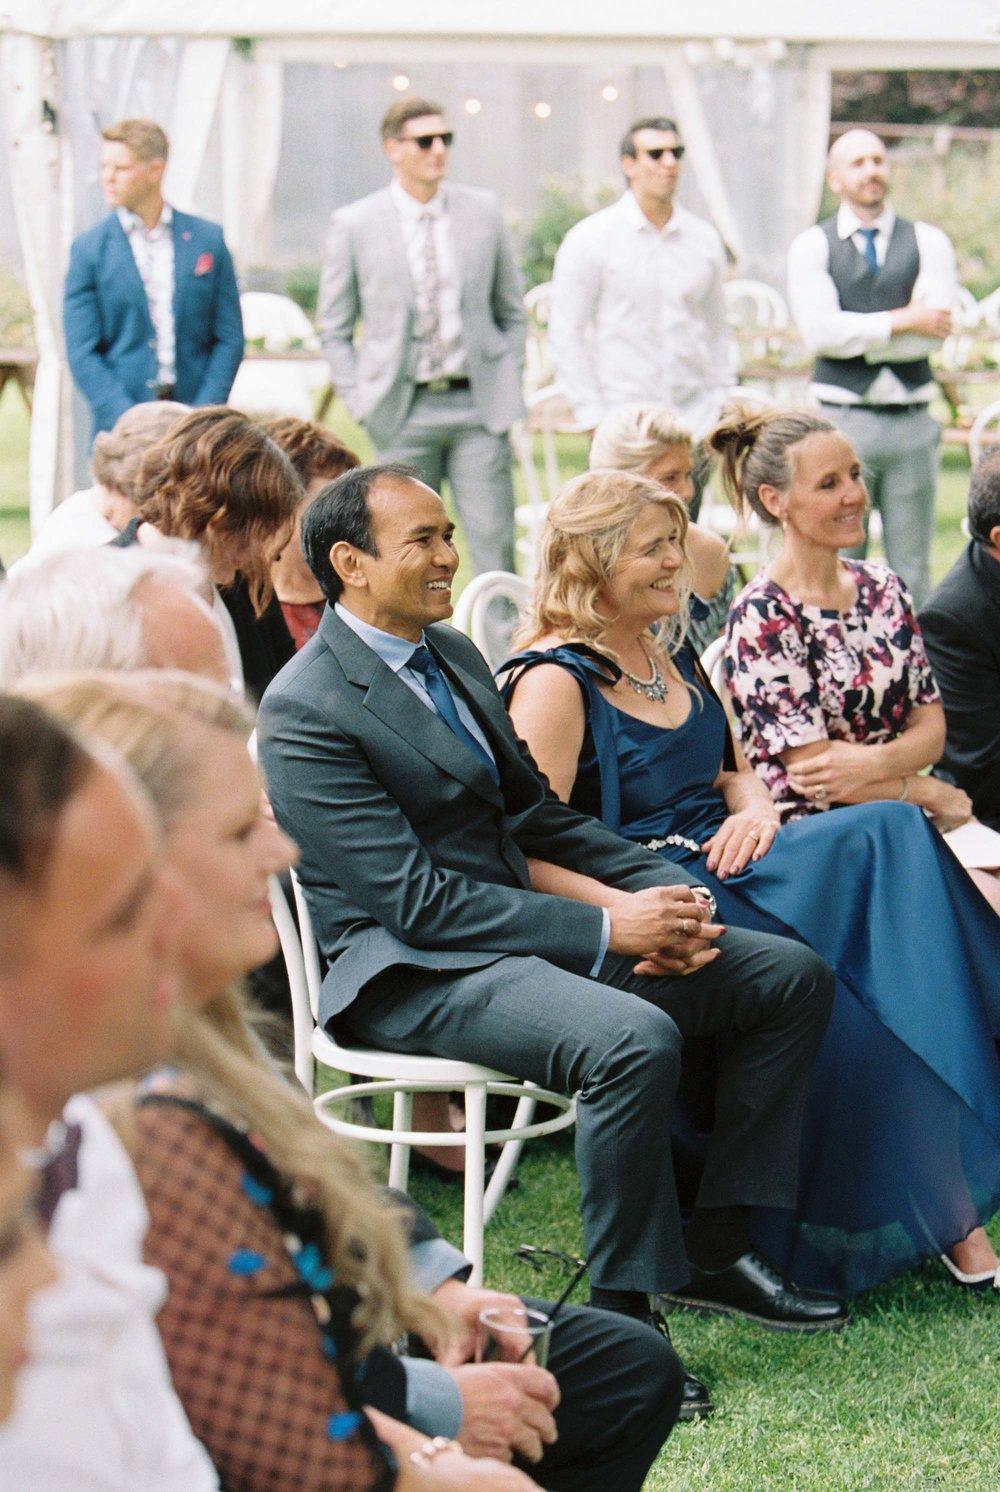 Whitehouse-hahndorf-wedding-photography-045.jpg